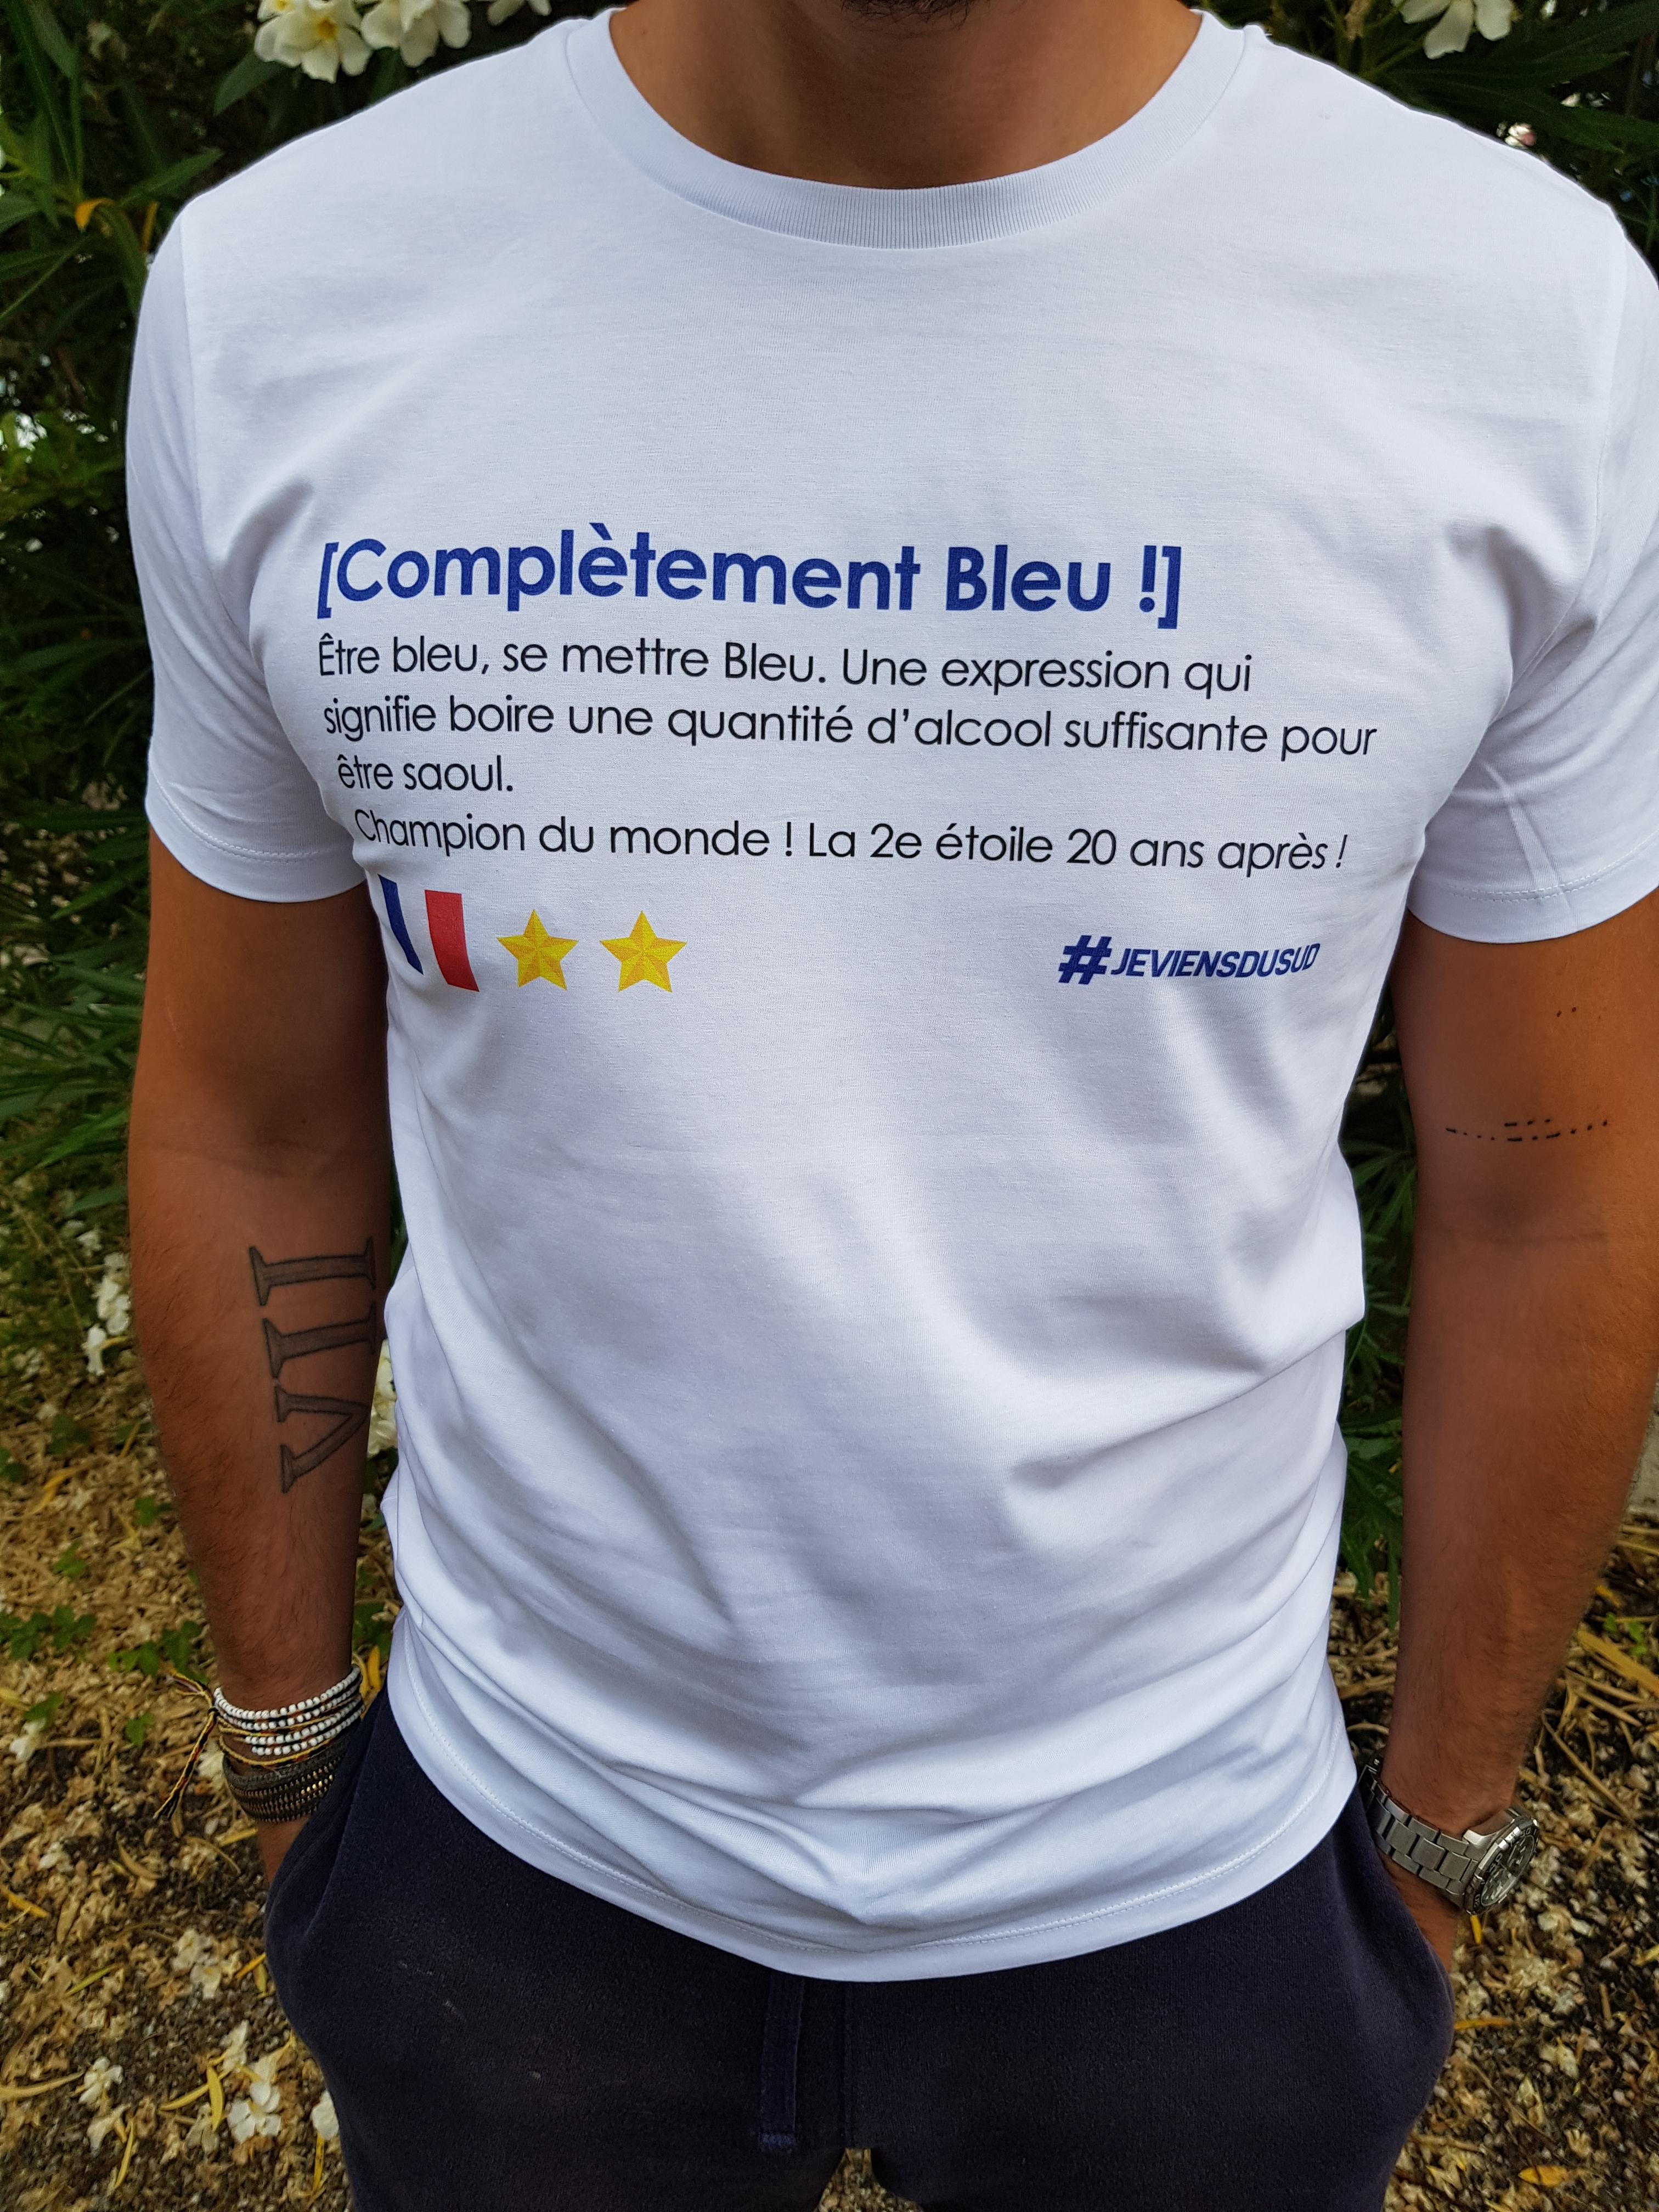 nouveau produit e2b07 06c10 T-shirt Complètement Bleu Champion du monde